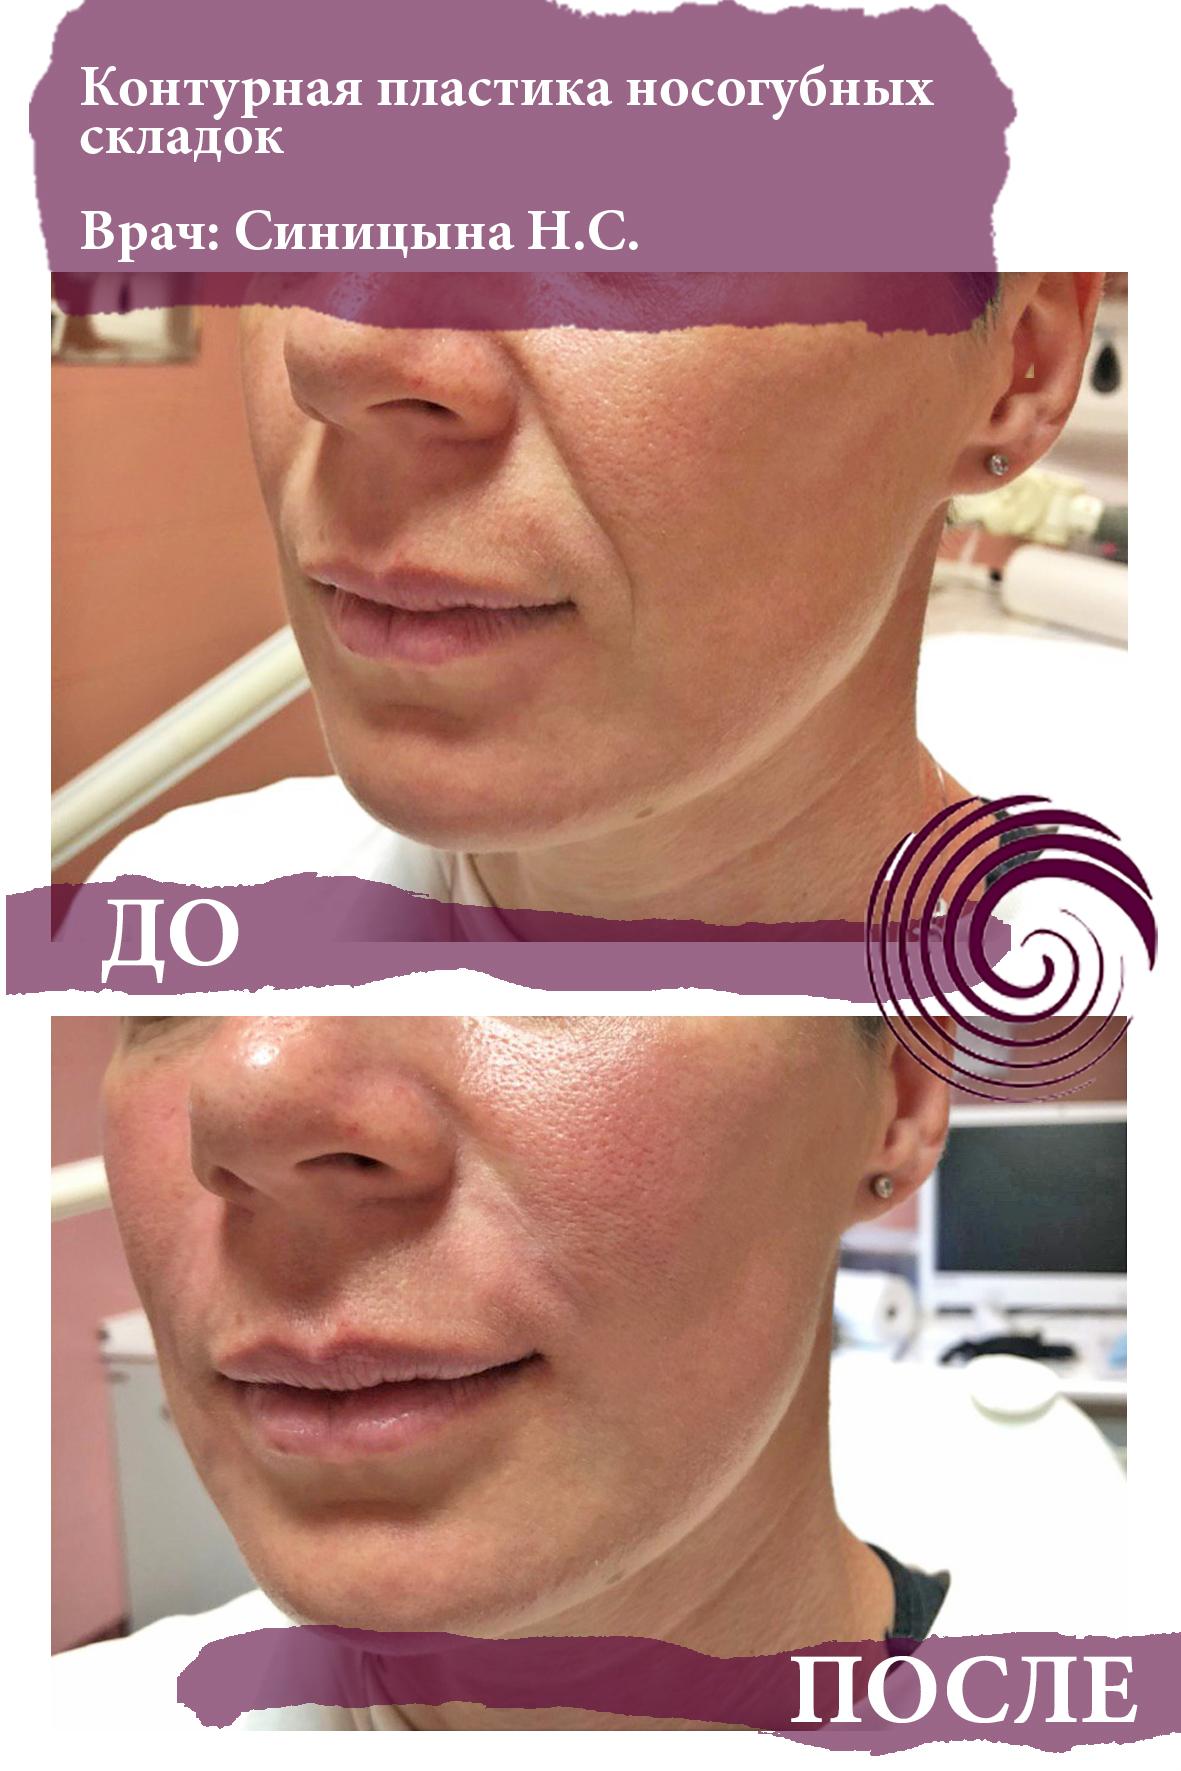 fillery nosogubka 2 - Заполнение носогубных складок, коррекция средней трети лица